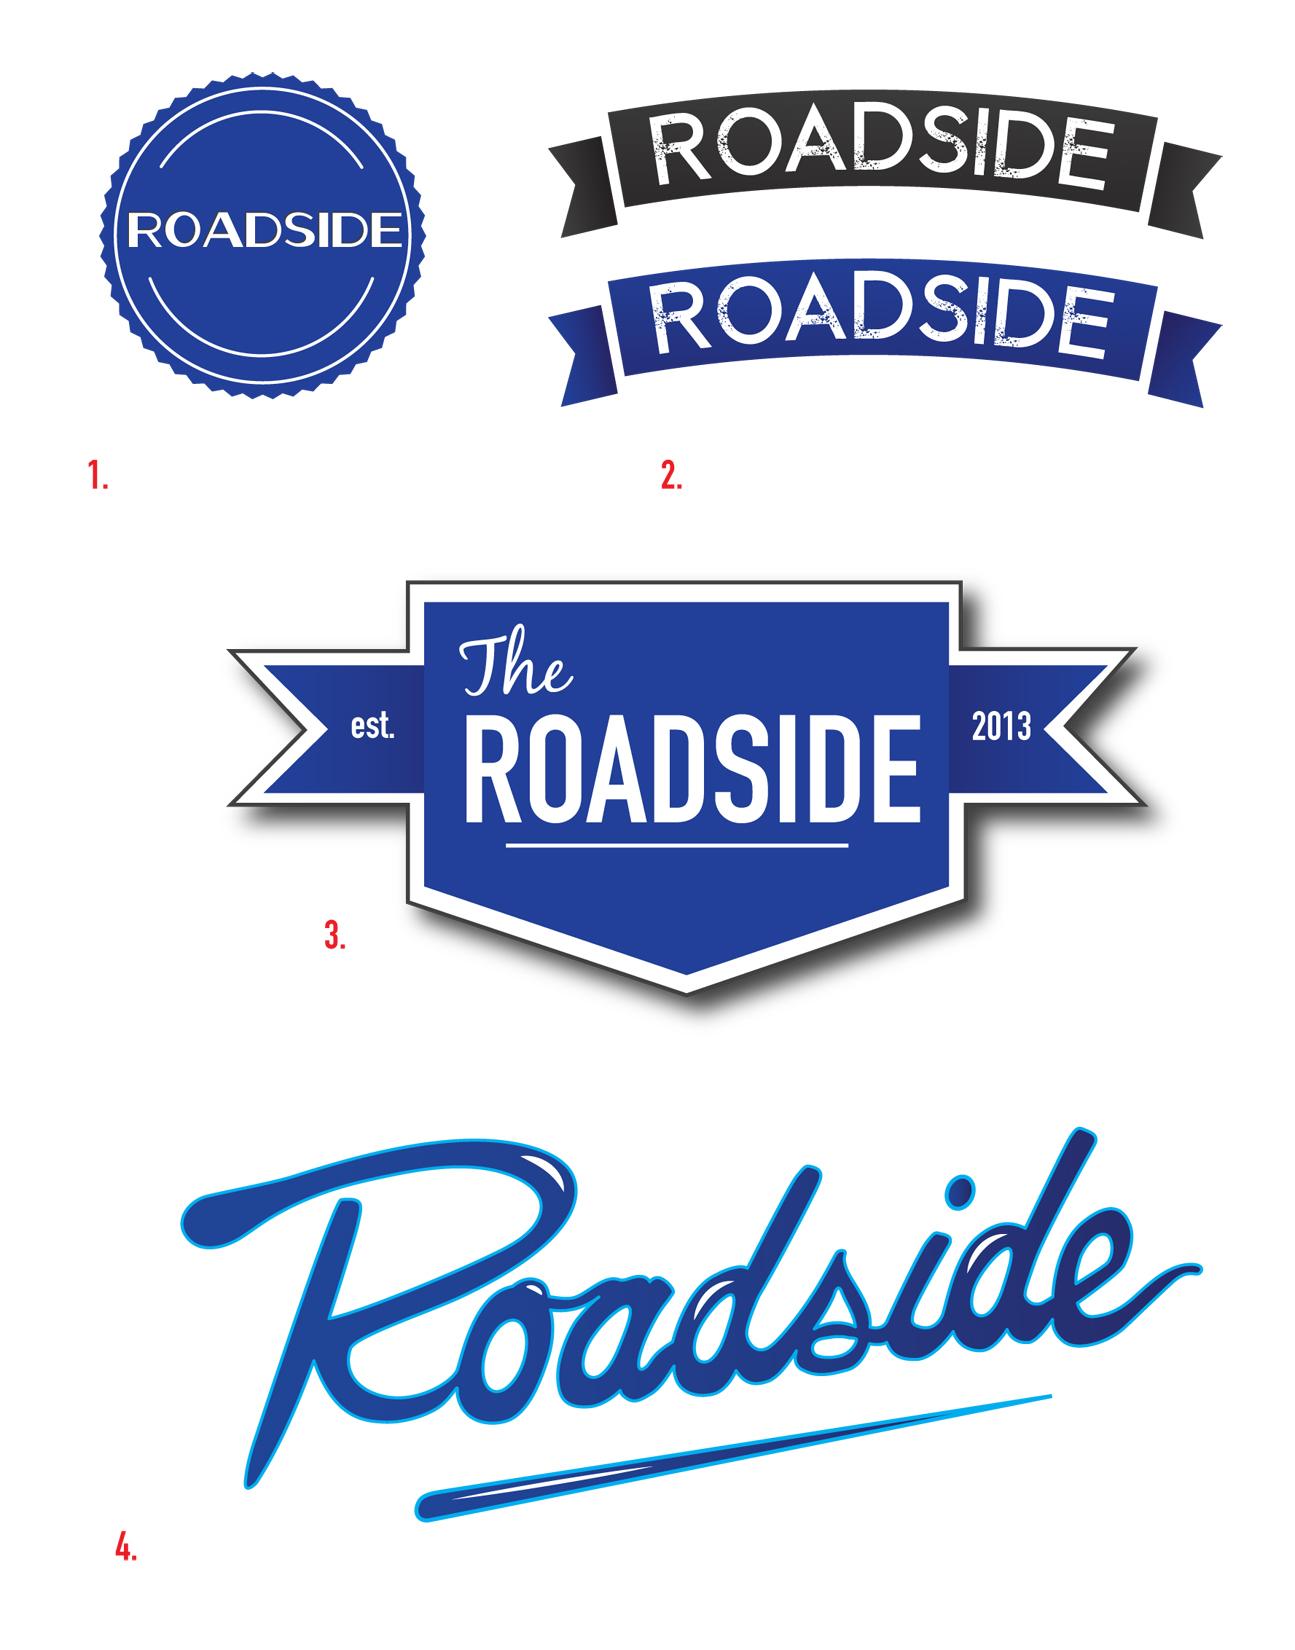 roadside_logo_options_V1.jpg